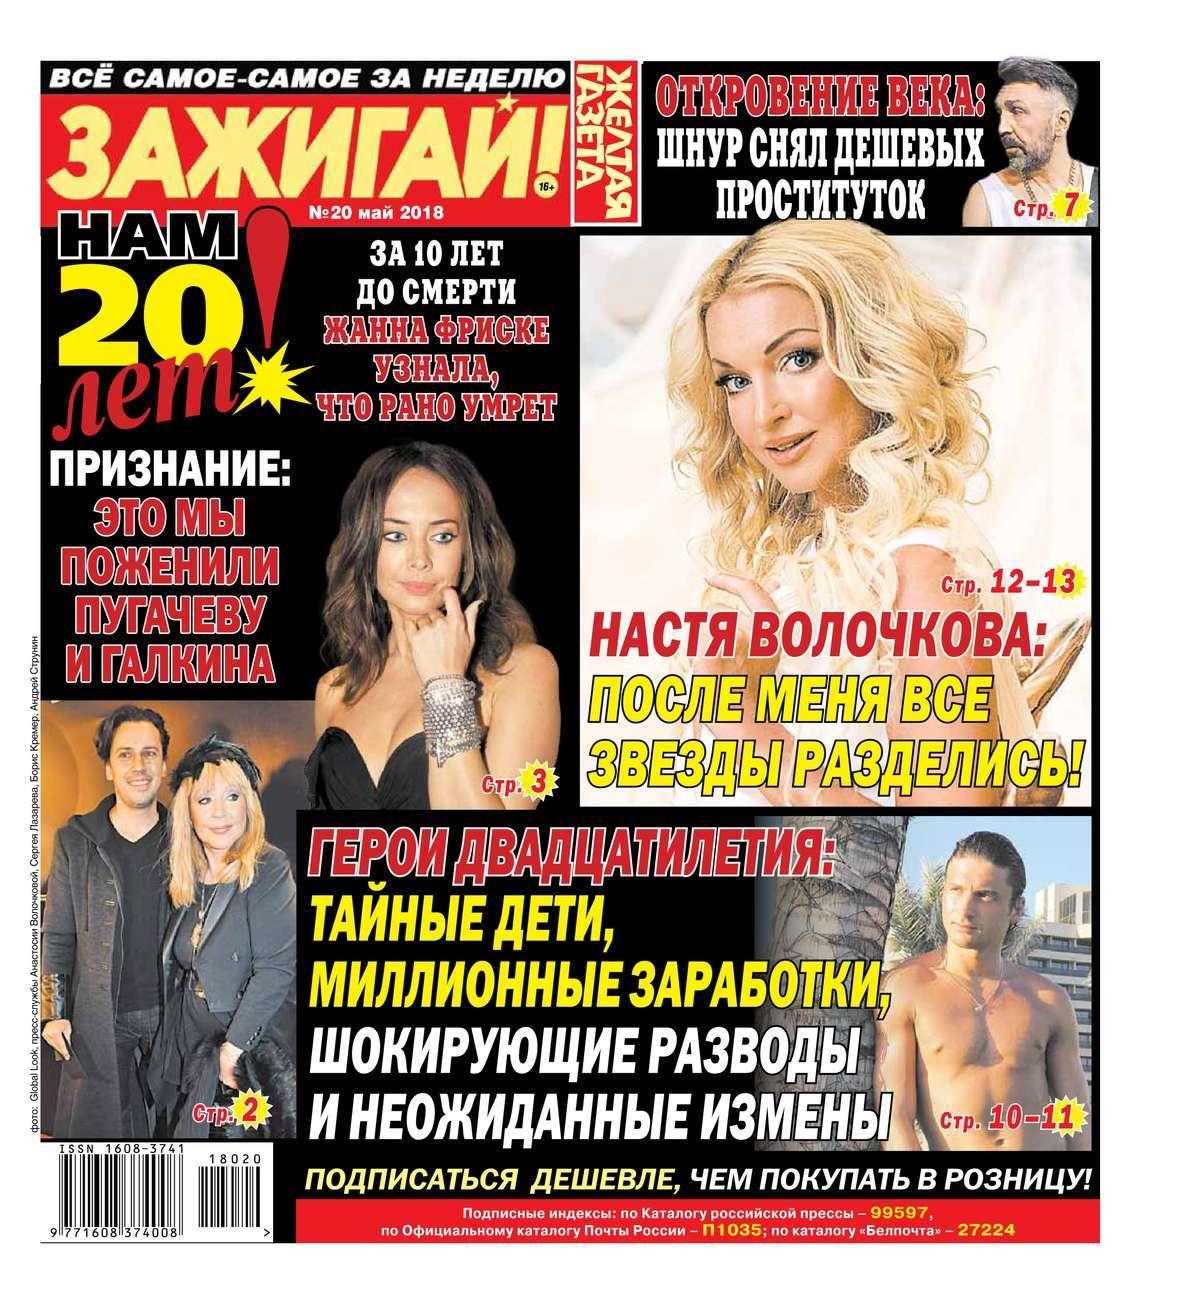 Желтая Газета. Зажигай! 20-2018